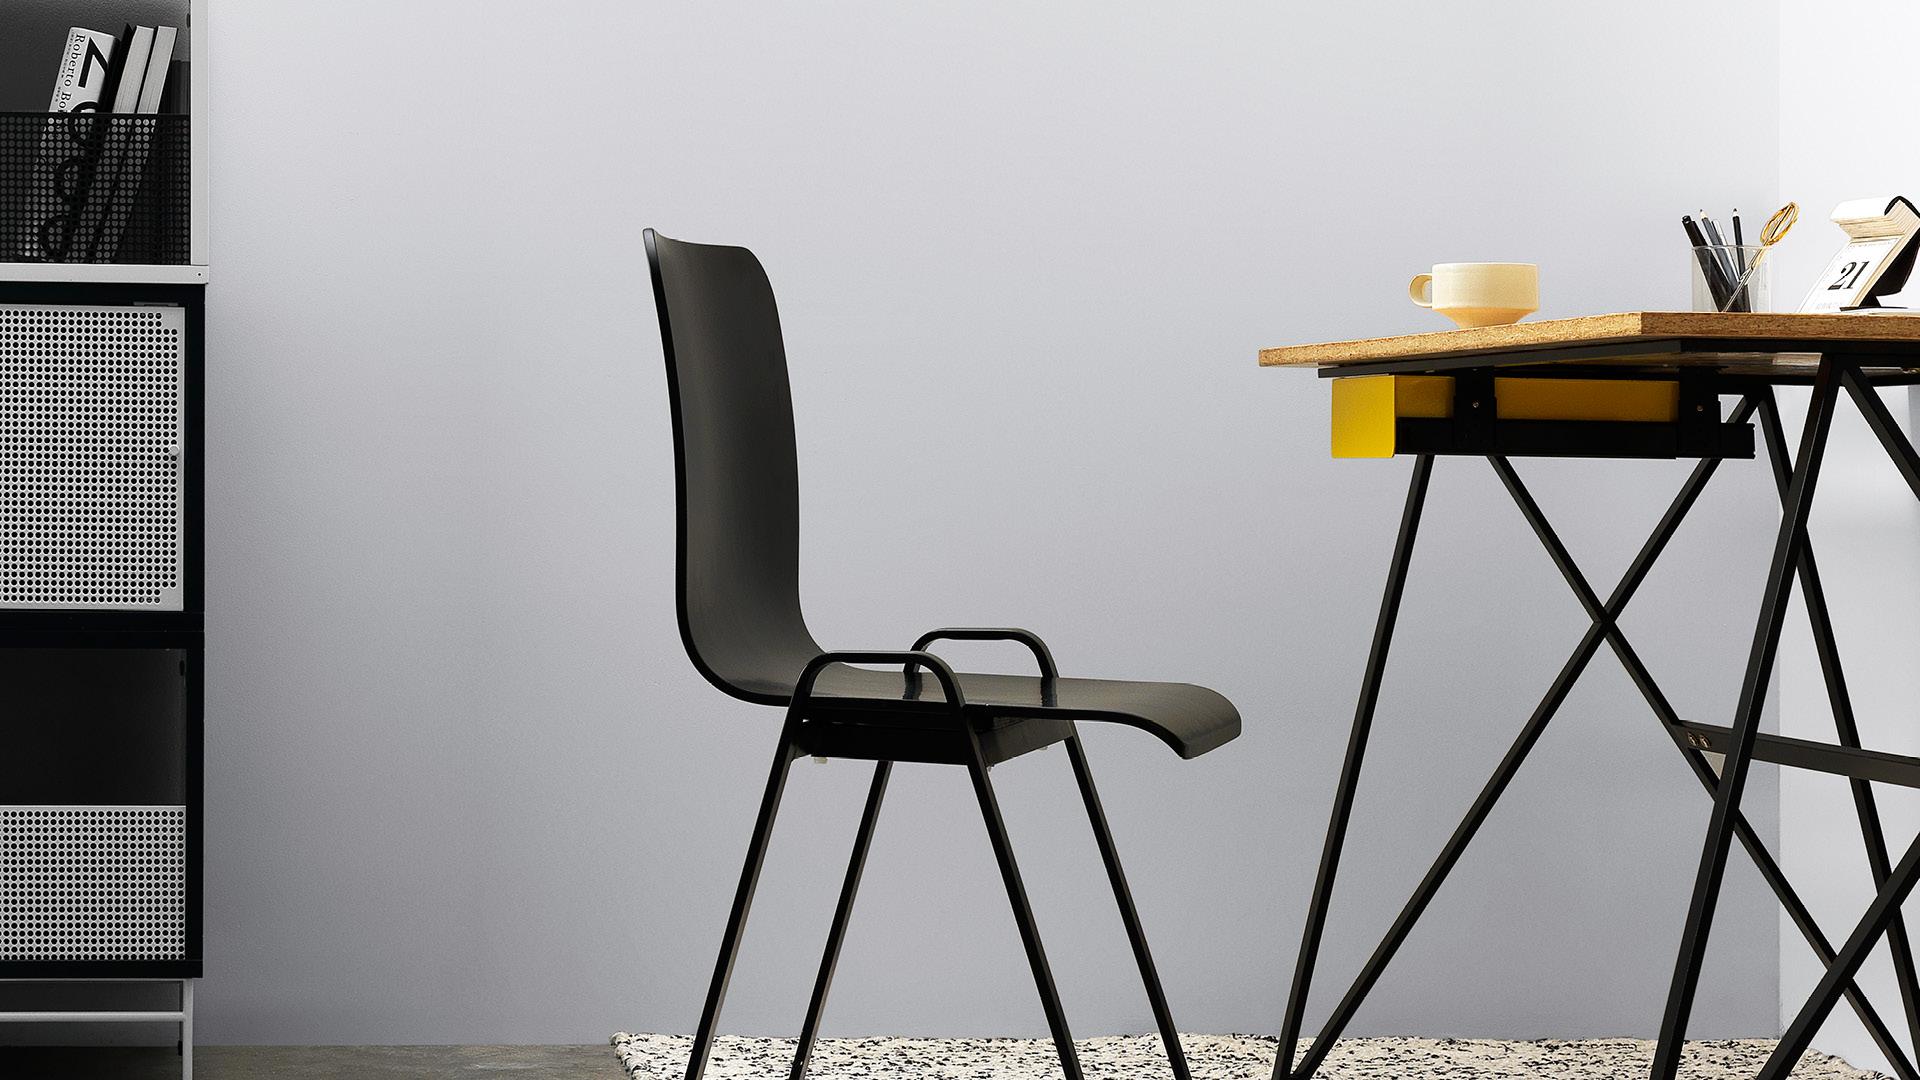 呼应X Desk同样设计语言的支撑腿,空心铁的大气工业感,烘托出工作室严谨思索又放松无压的平衡氛围。